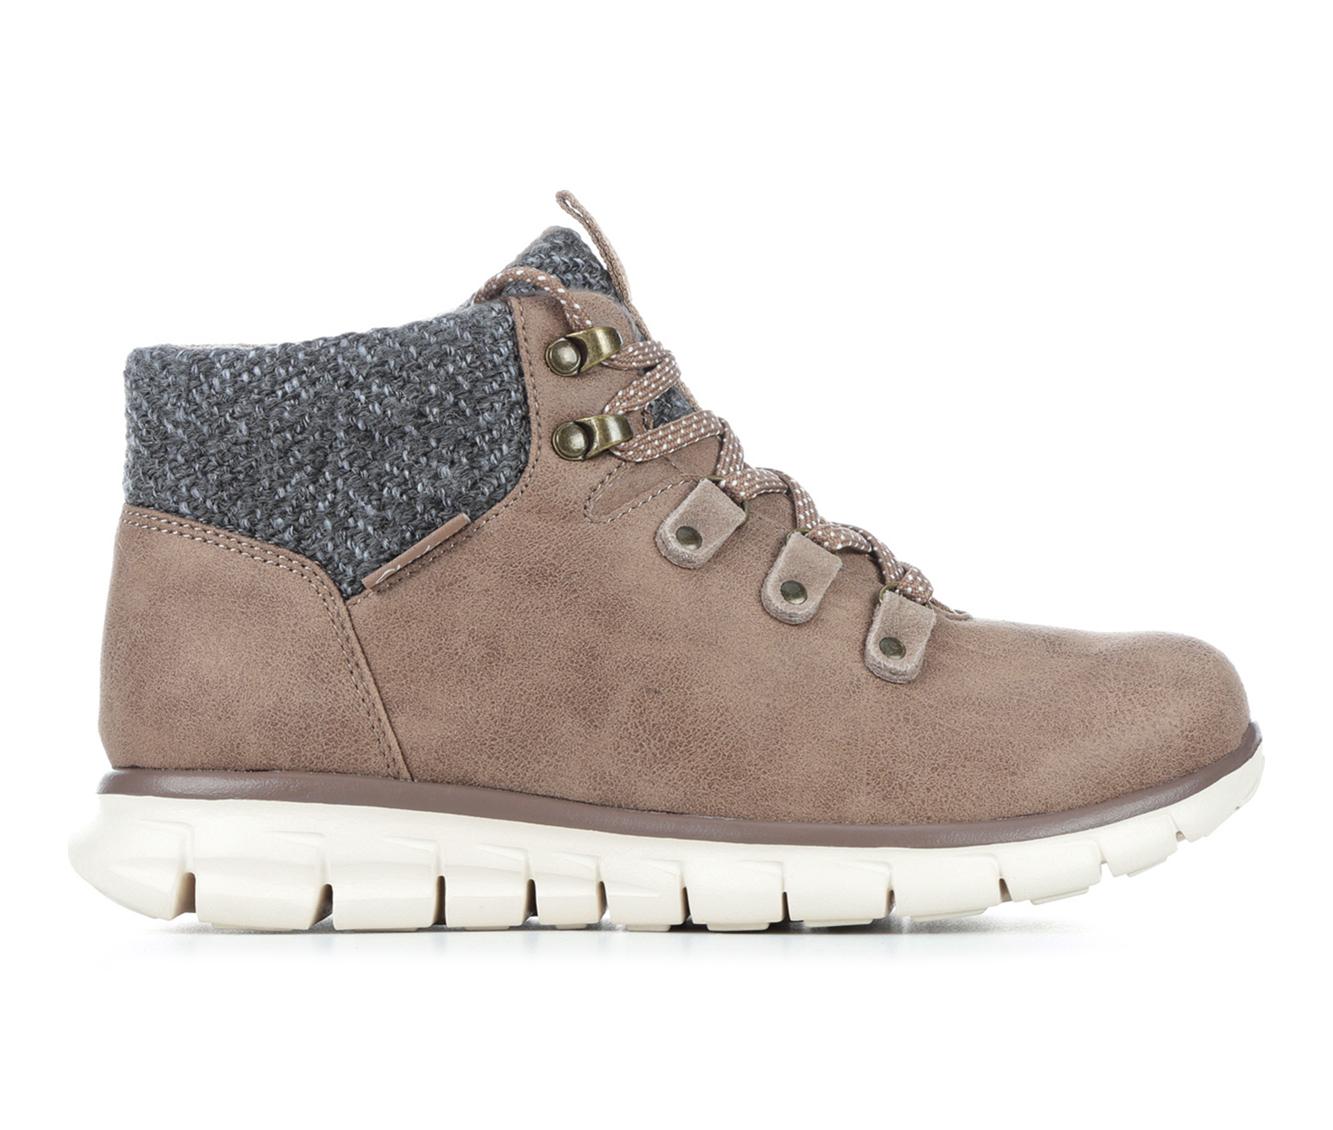 Skechers Synergy Mountain Dreamer Women's Boot (Beige Faux Leather)